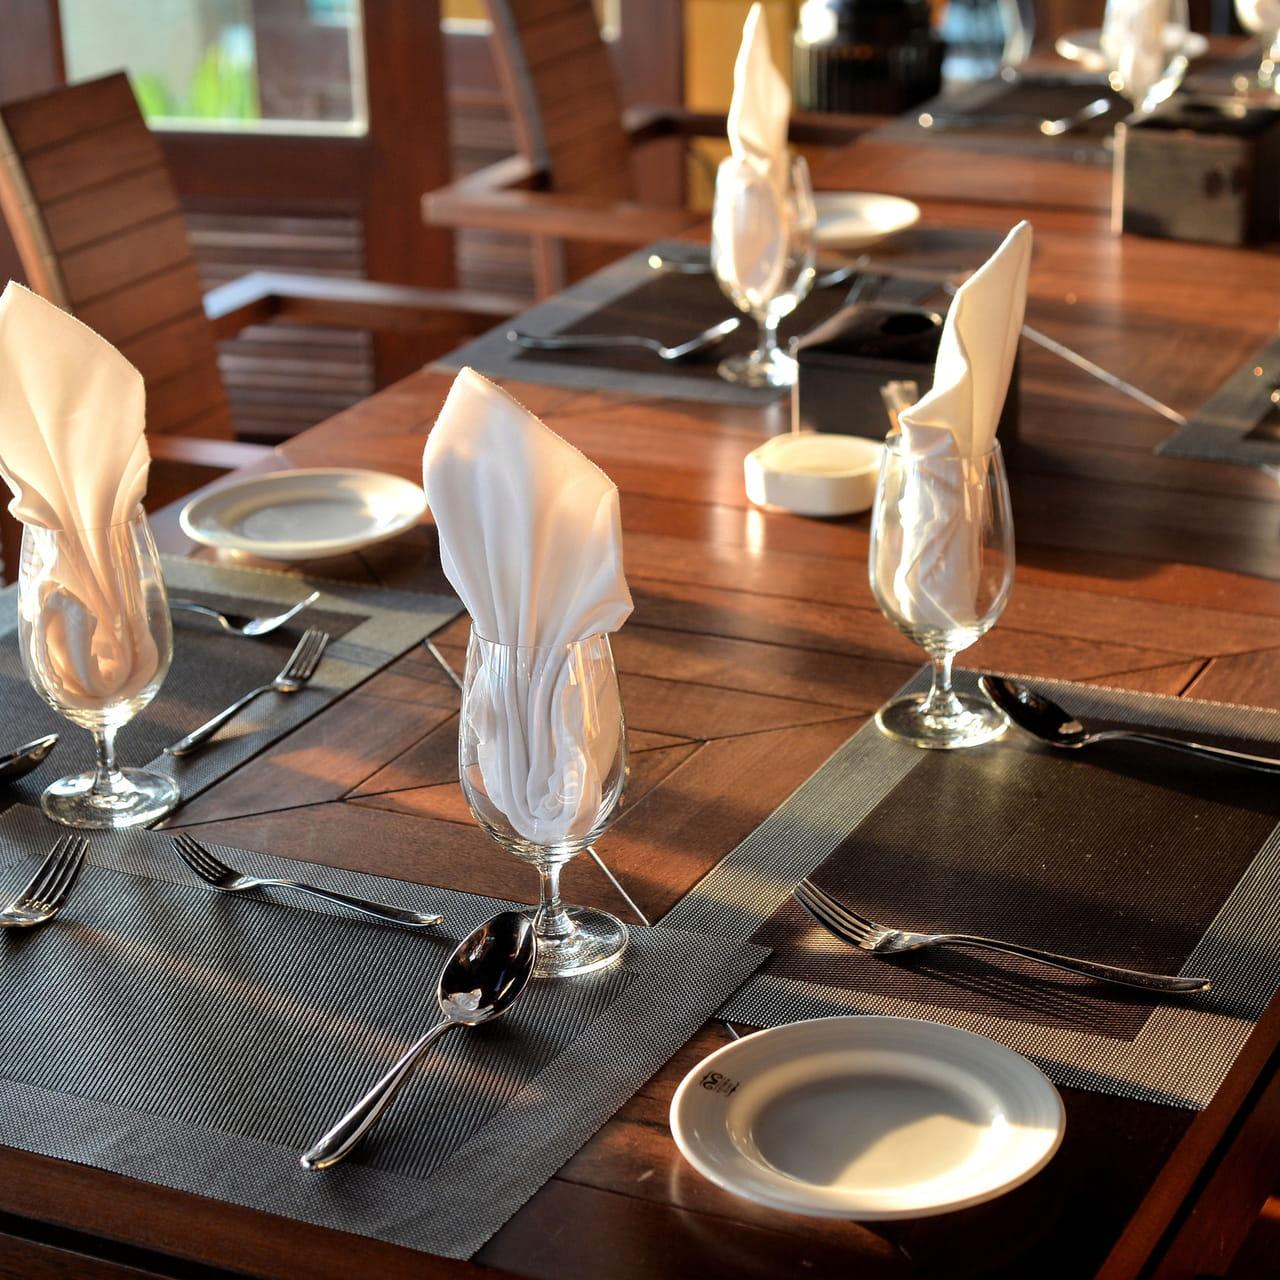 De Choisir Sets Déco Modèles Votre TableQuels Selon Meilleurs fIY6v7mbgy